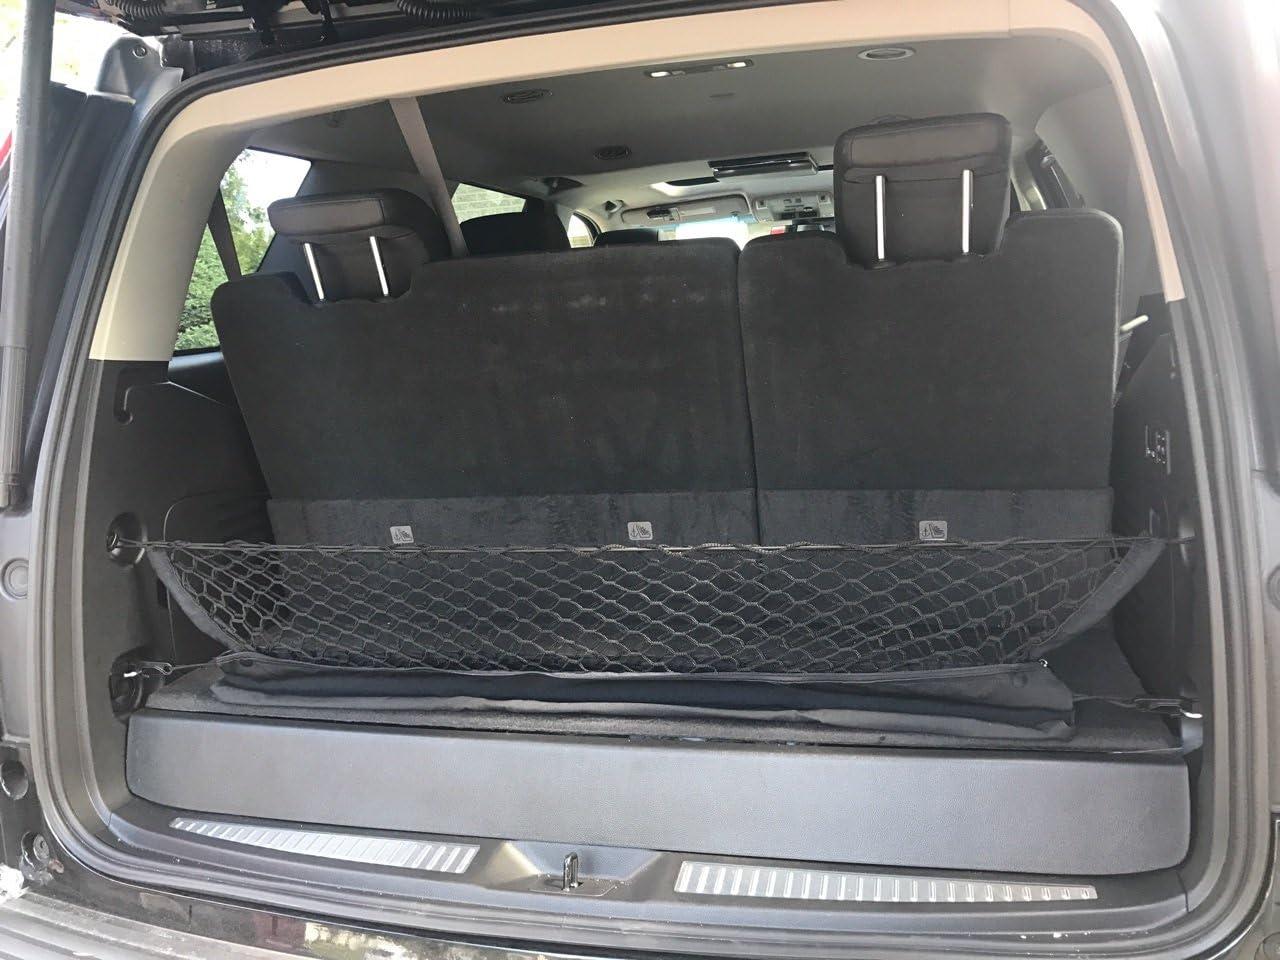 Envelope Style Trunk Cargo Net for Cadillac Escalade Escalade ESV 2015 2016 2017 2018